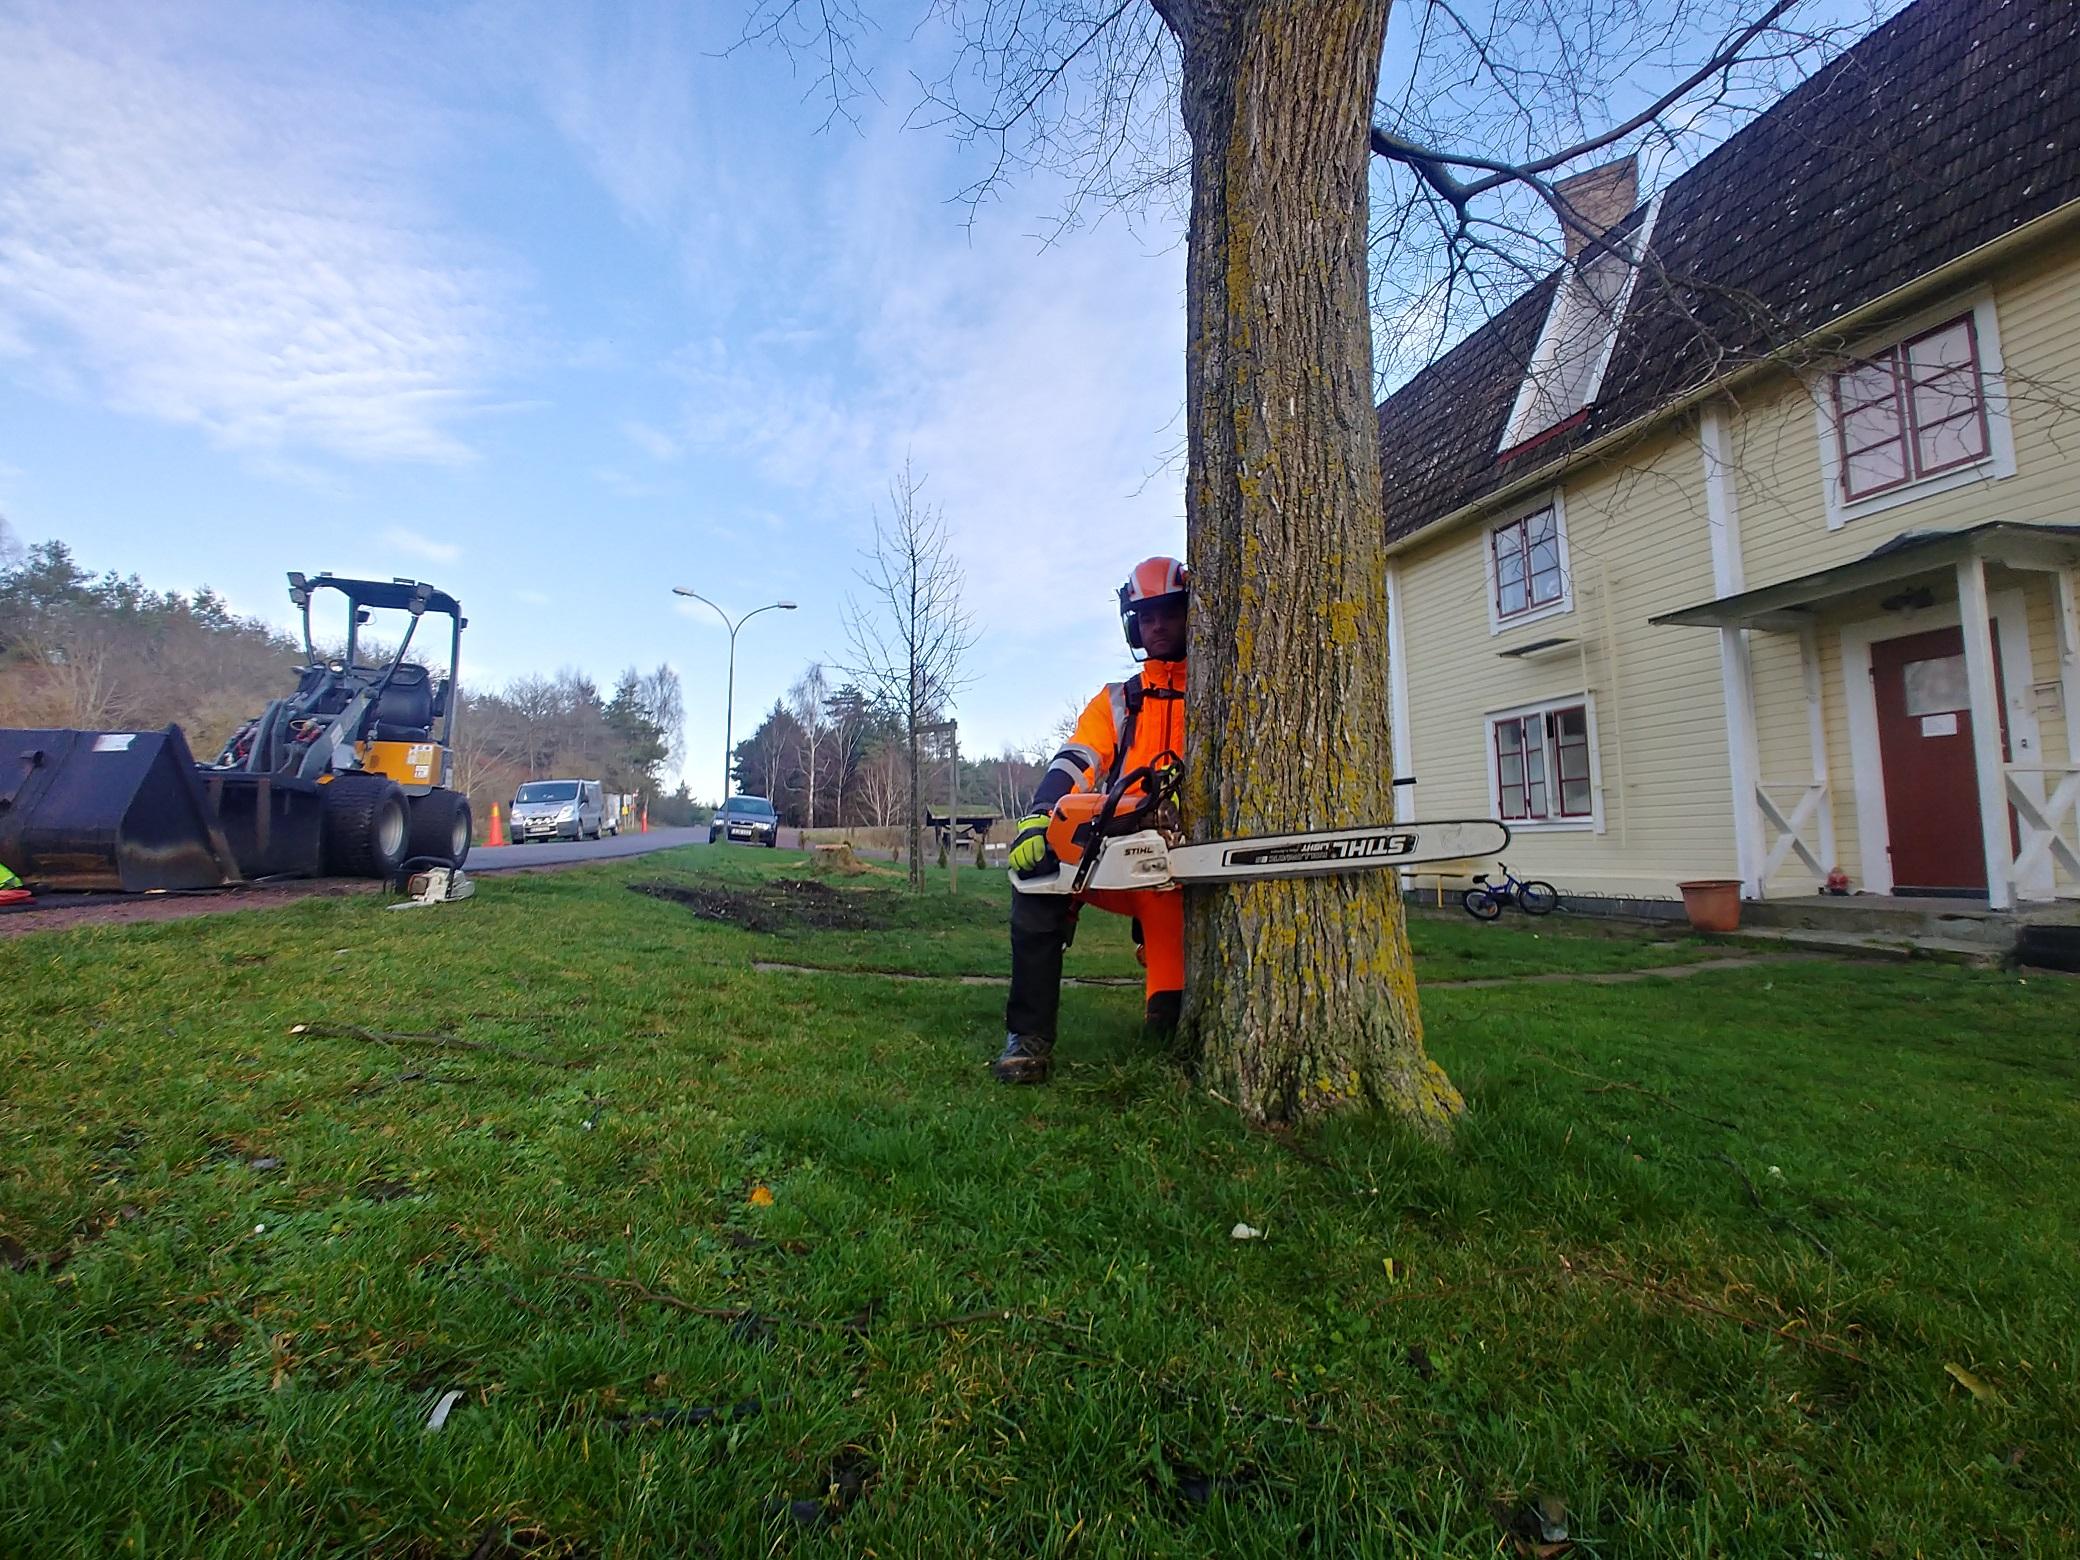 Kalmar Trädfällning - Trädfällning i Kalmar